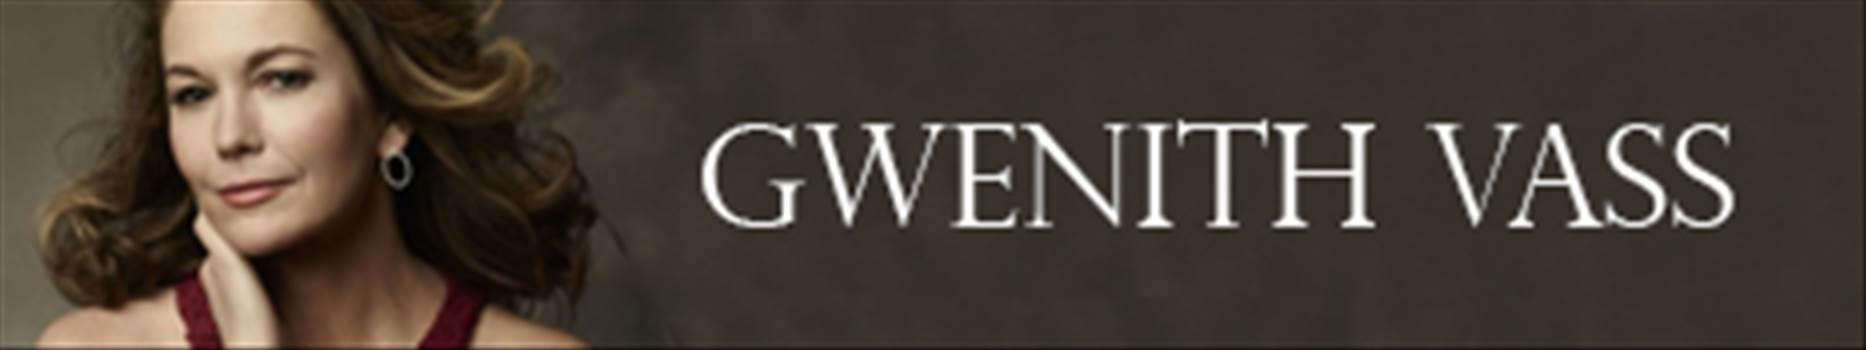 vangelis-gwenith.jpg by shoresofelysium